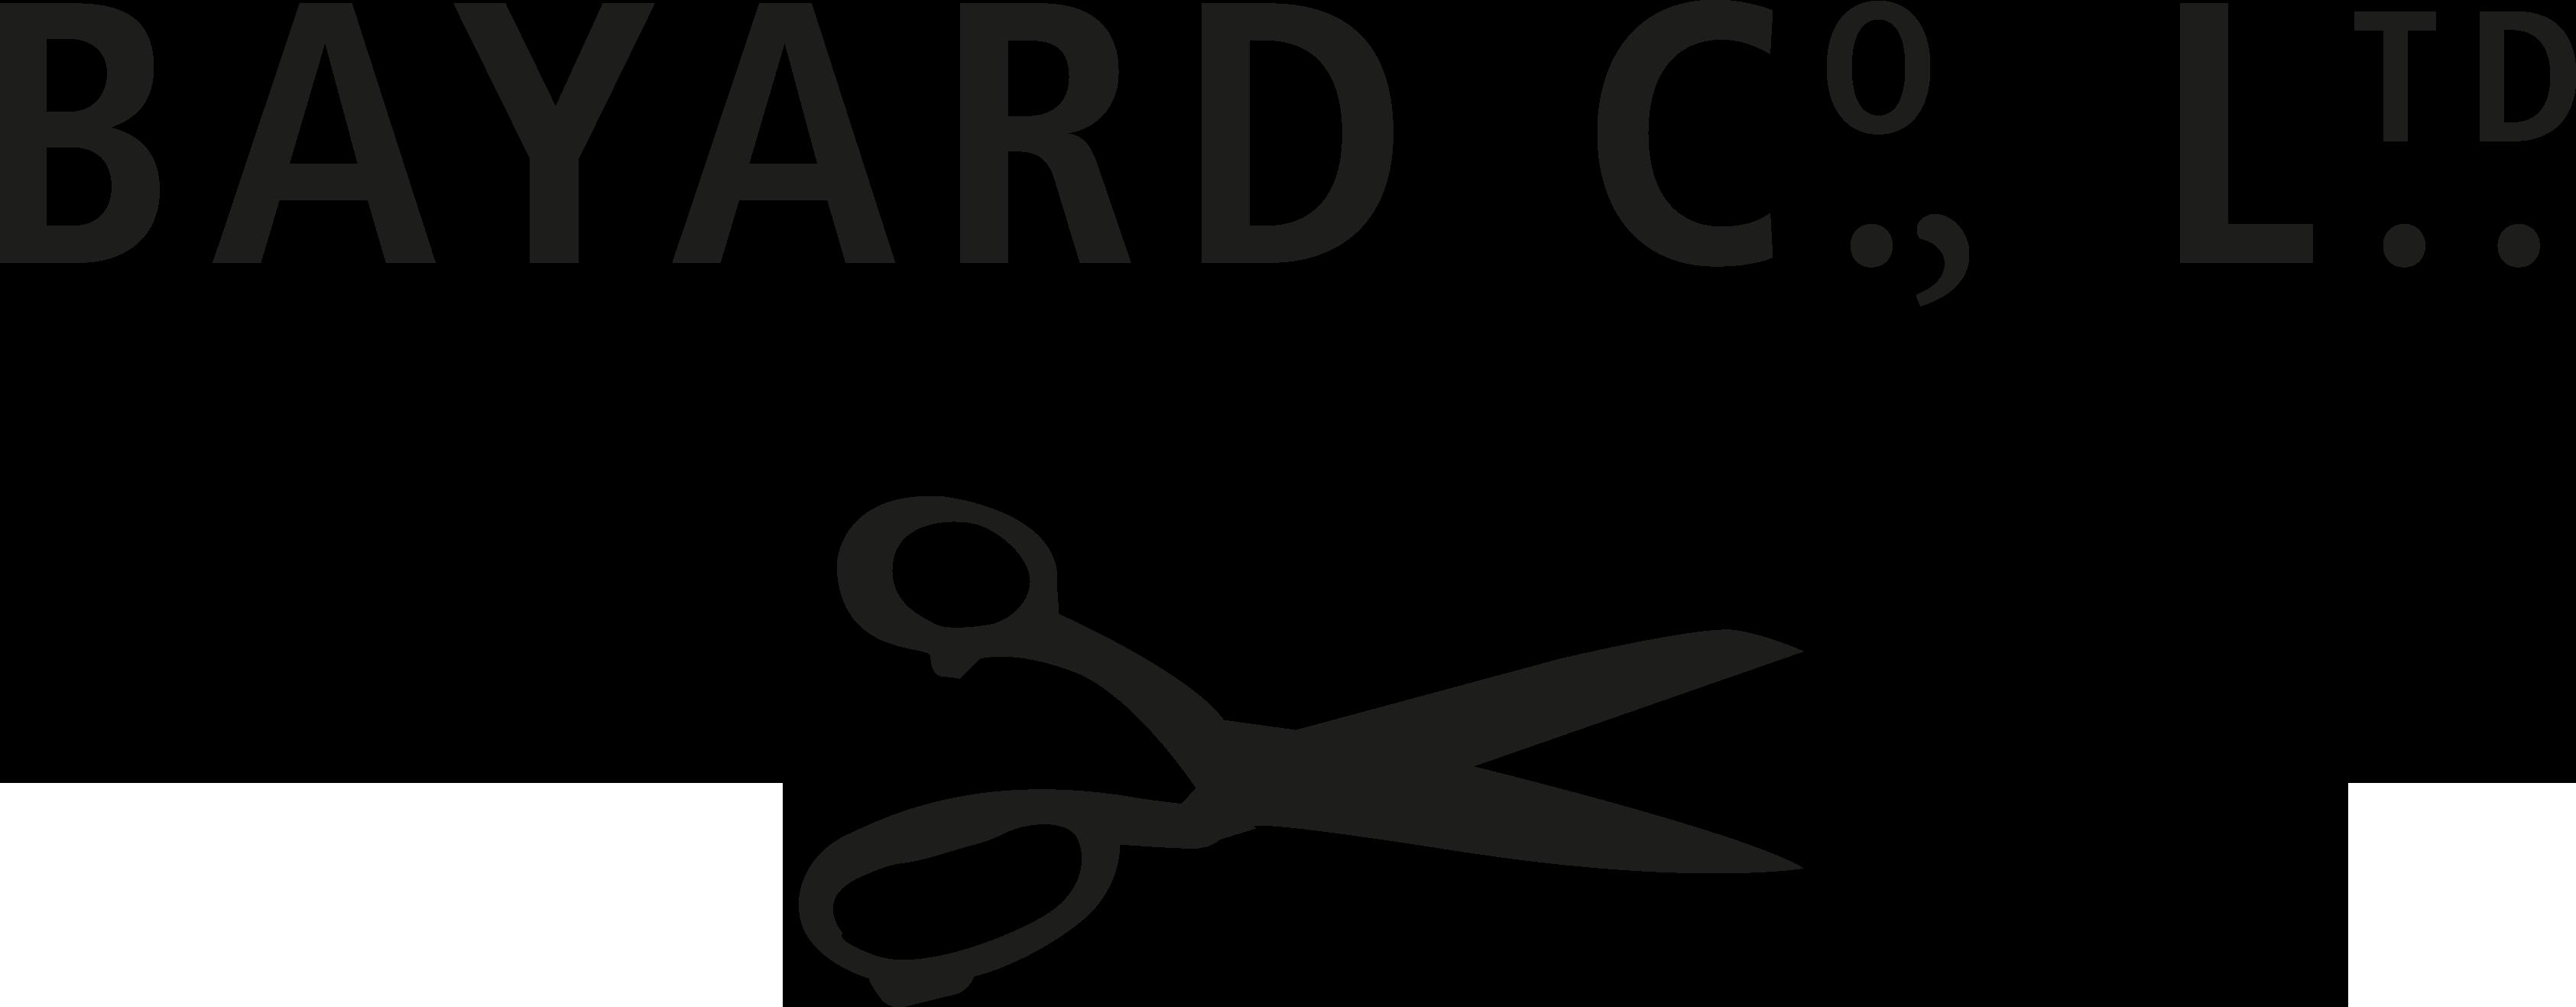 Bayard Co. Ltd.